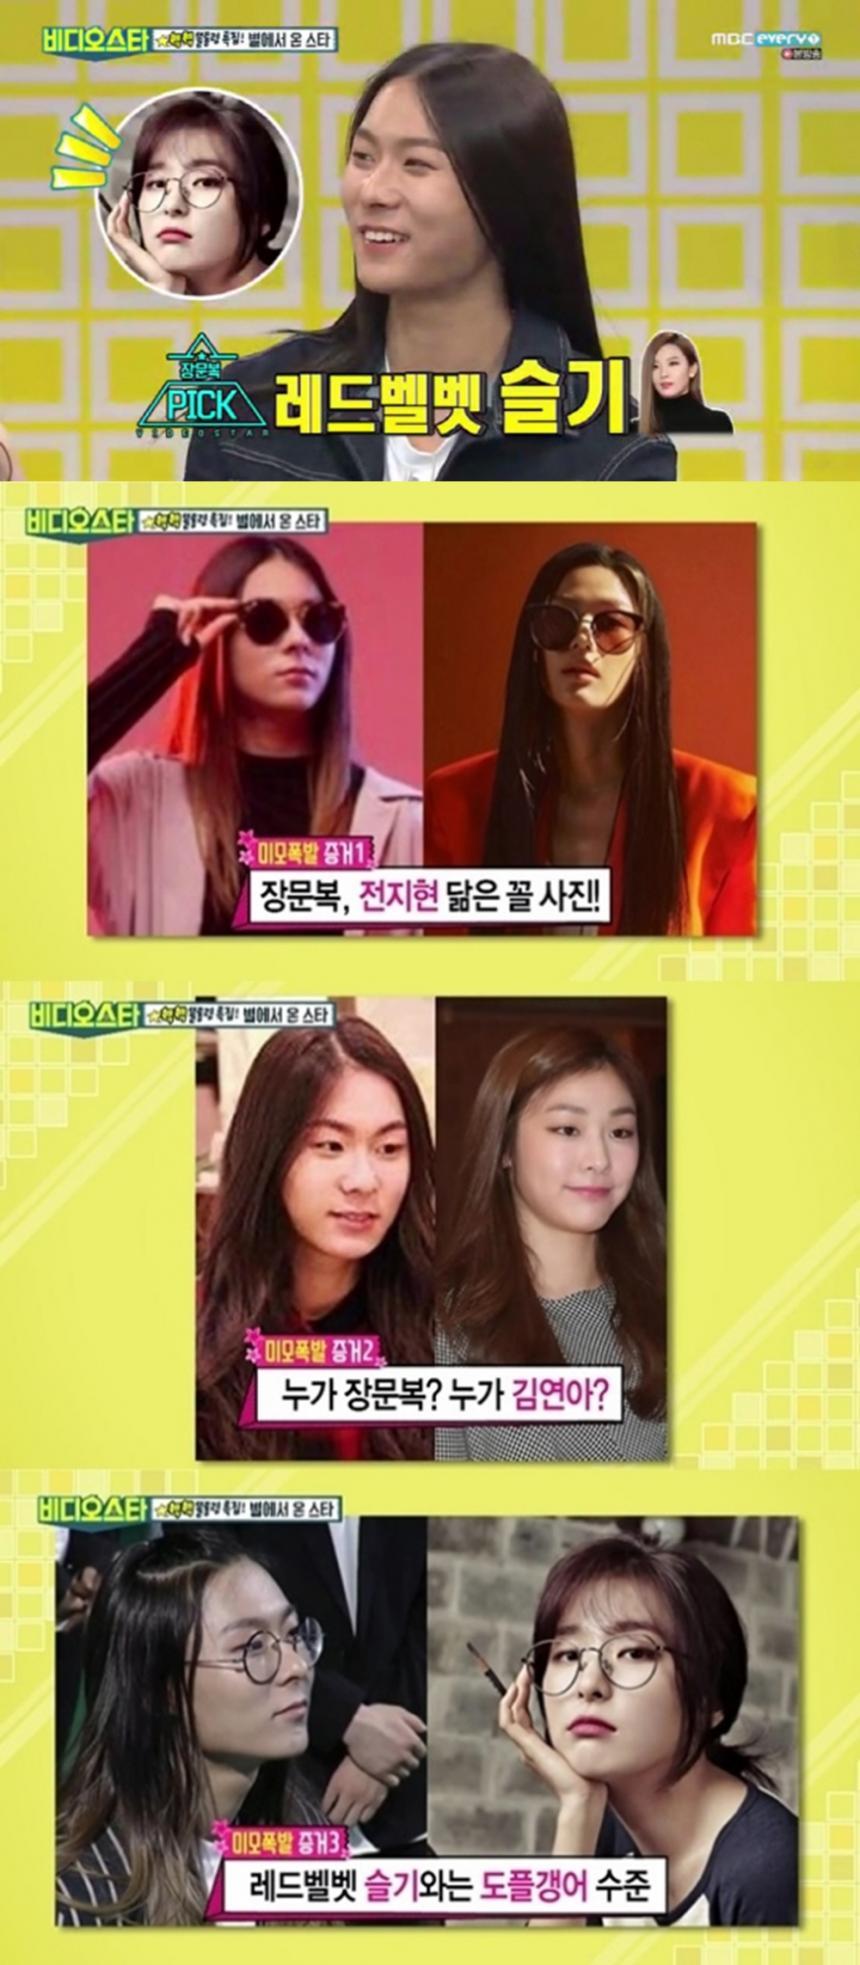 MBC 에브리원 '비디오스타' 네이버 tv캐스트